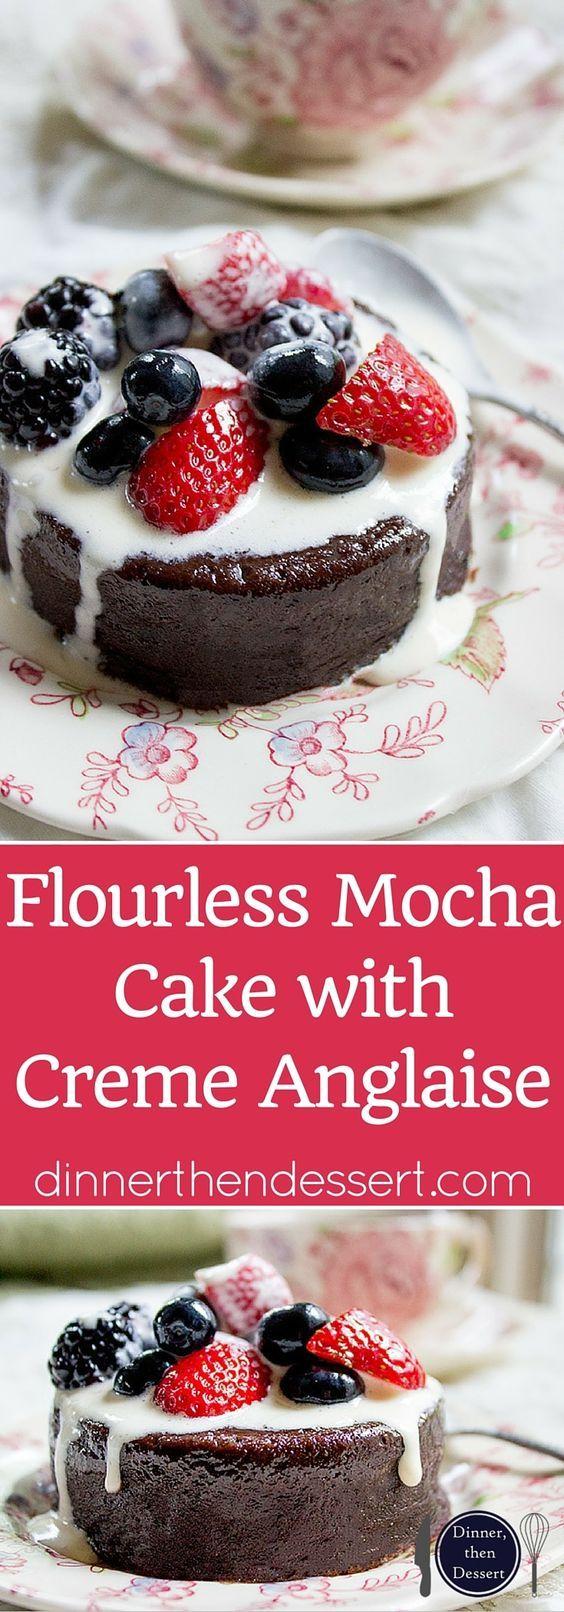 Flourless Mocha Cake with Creme Anglaise | Recipe | Mocha Cake, Best ...